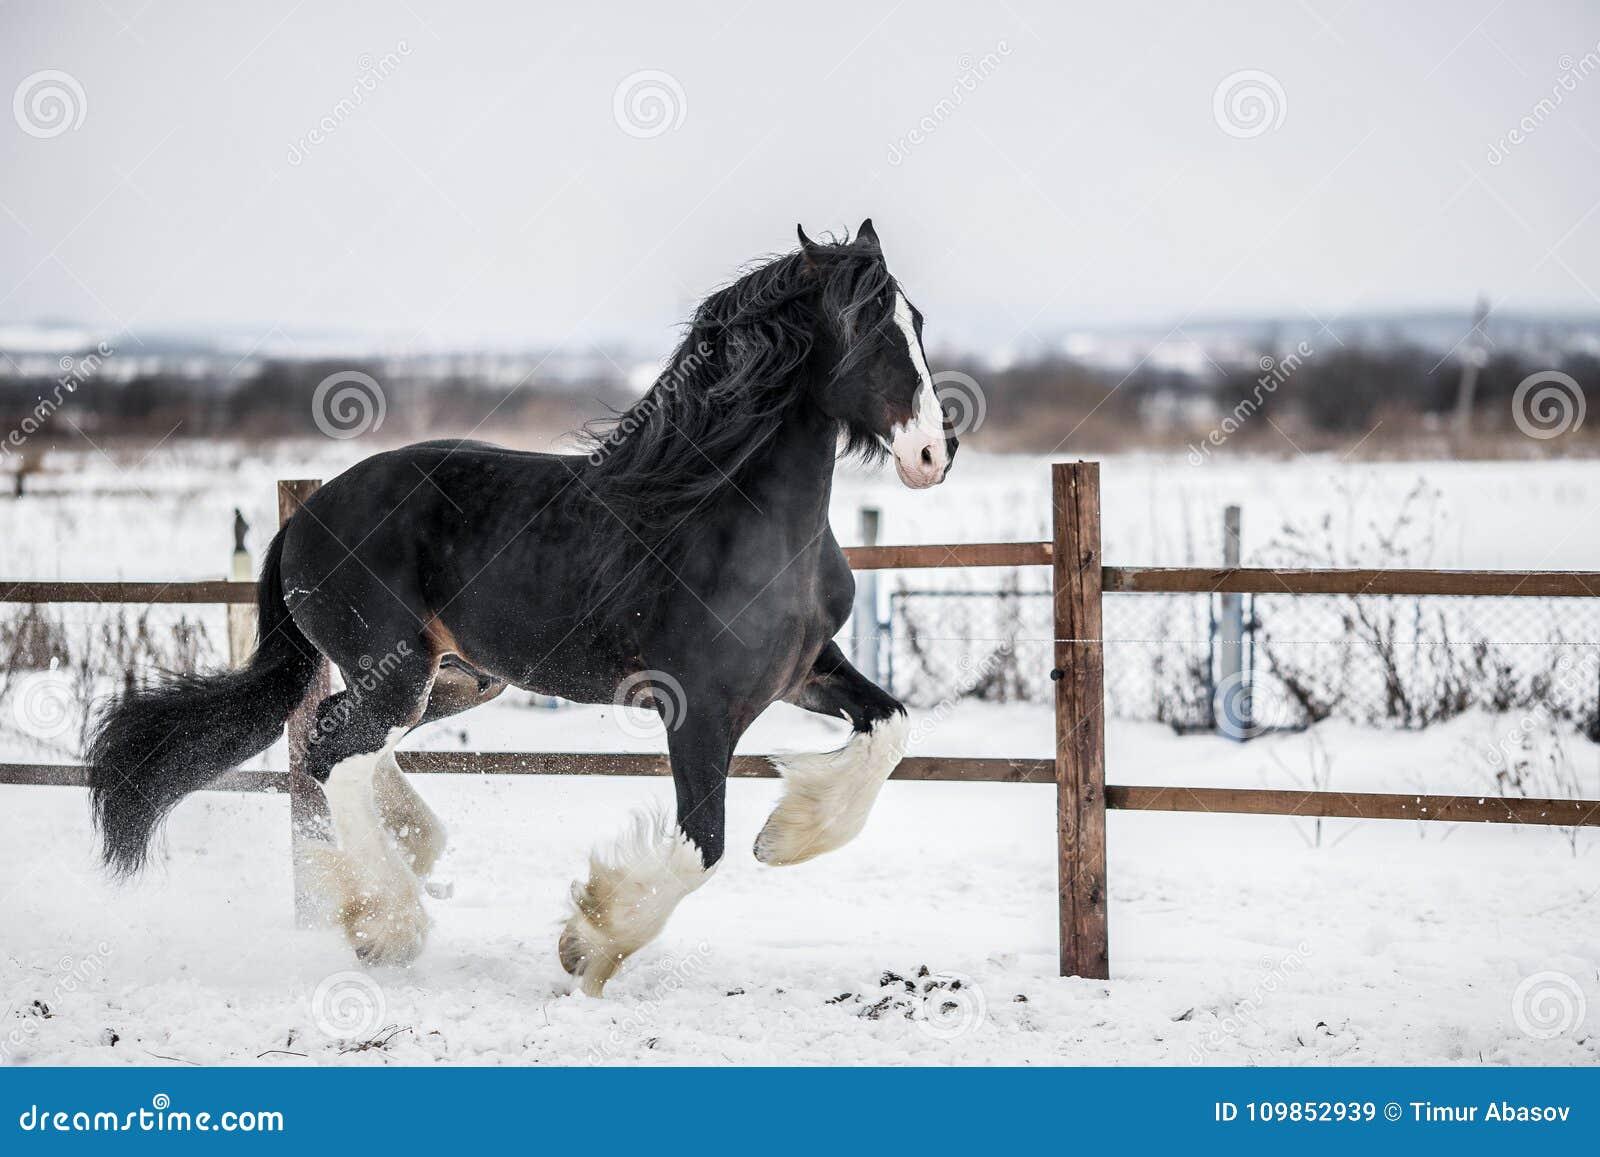 Grafschafts-Pferd